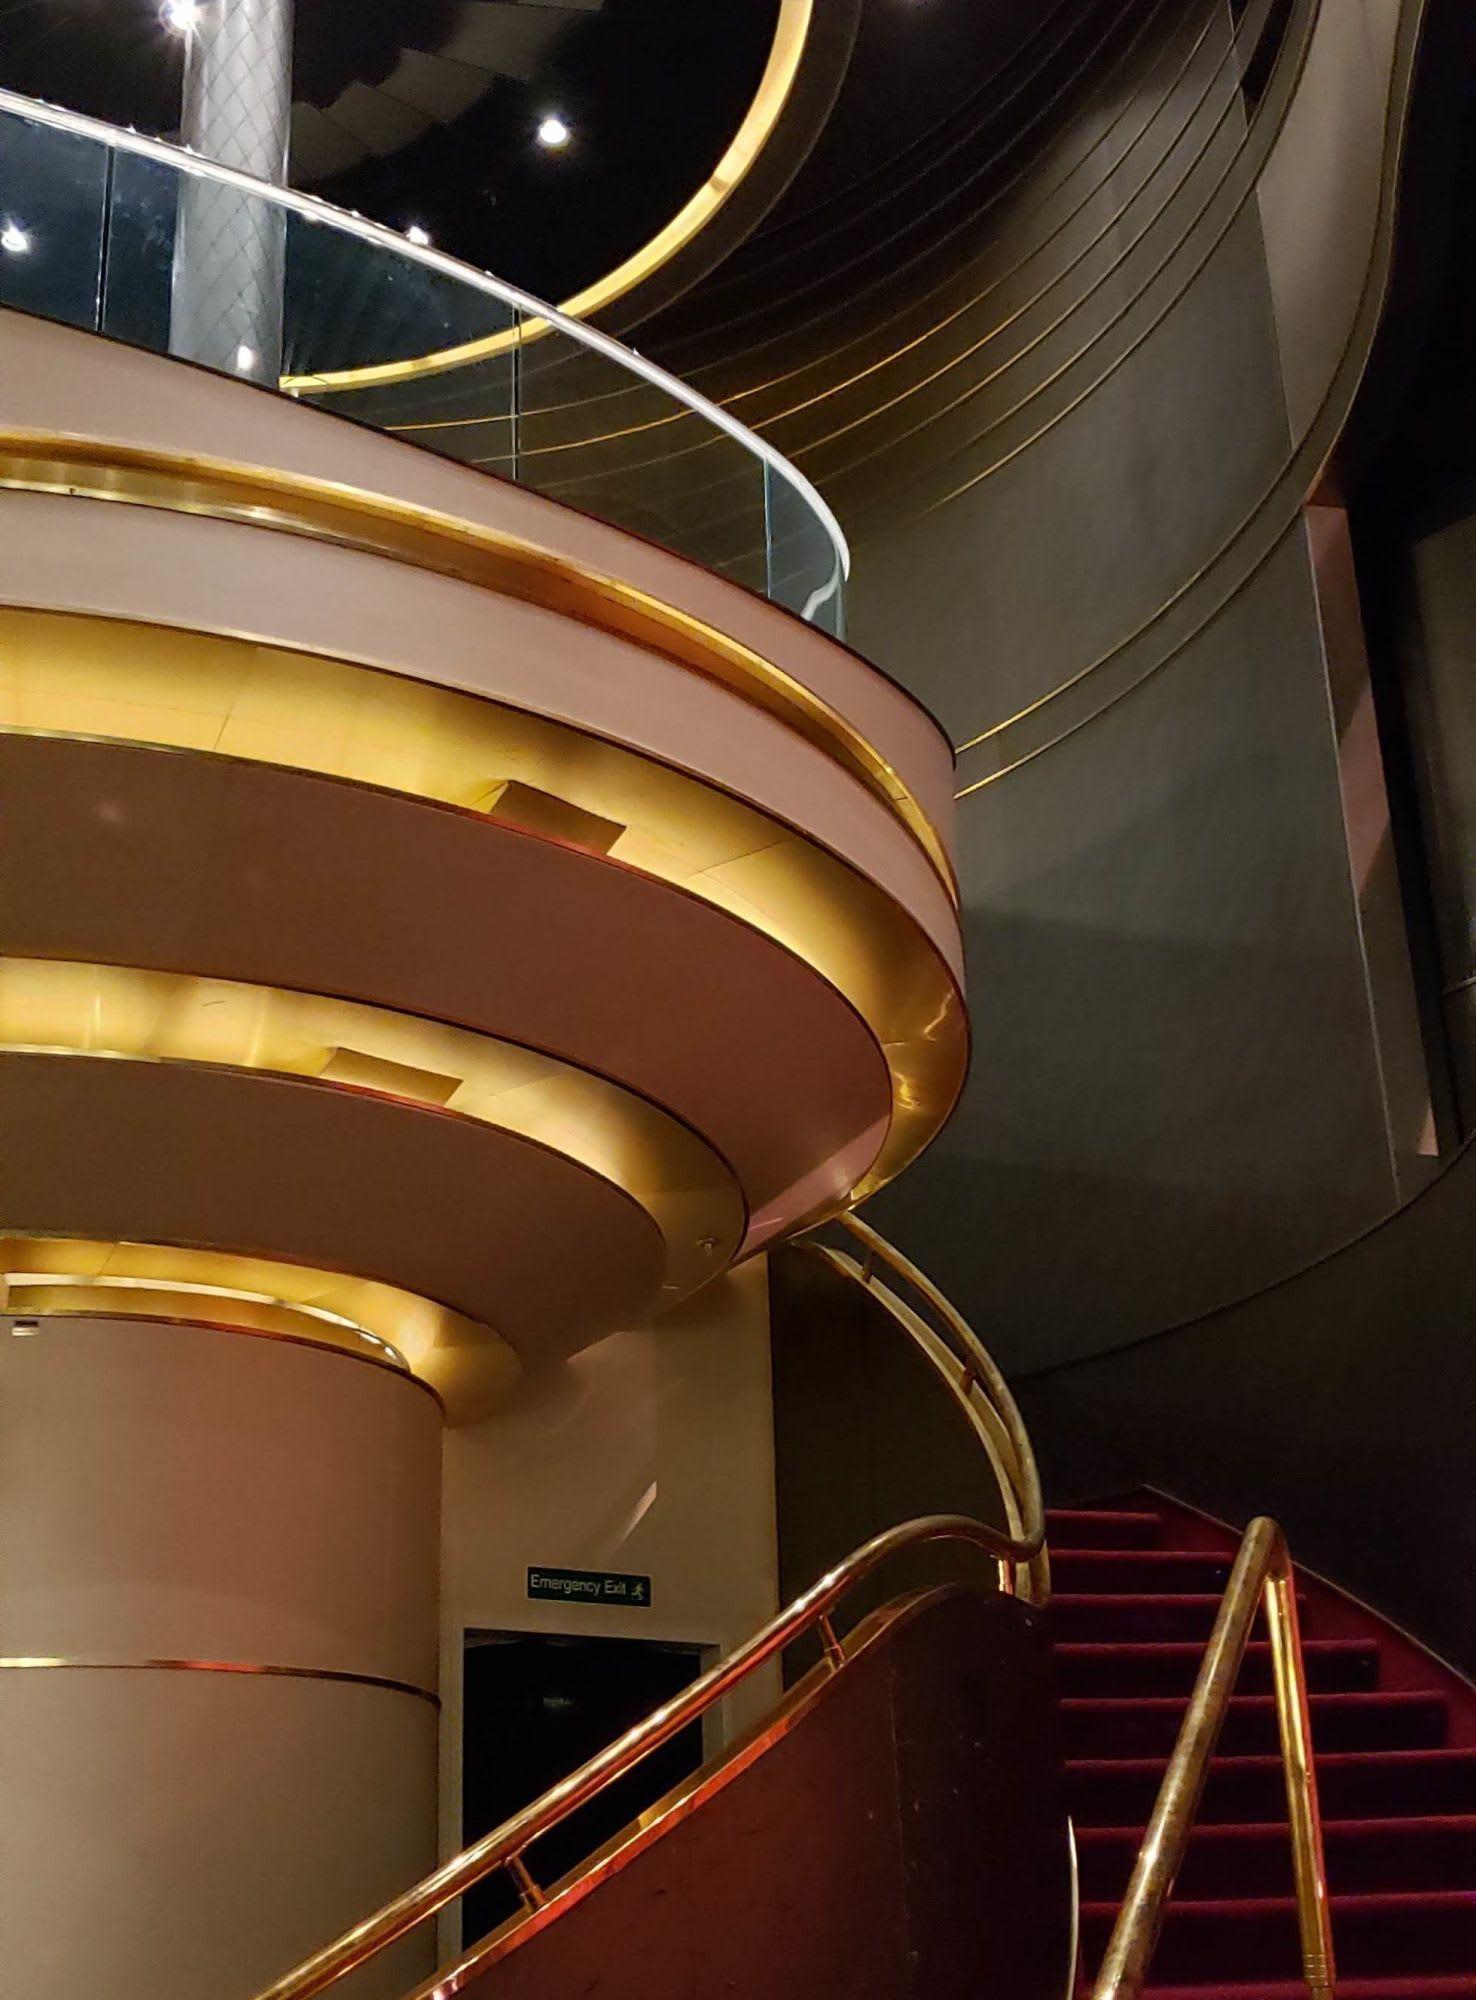 シアターの前方サイドの階段、上はボックス席のようになっています